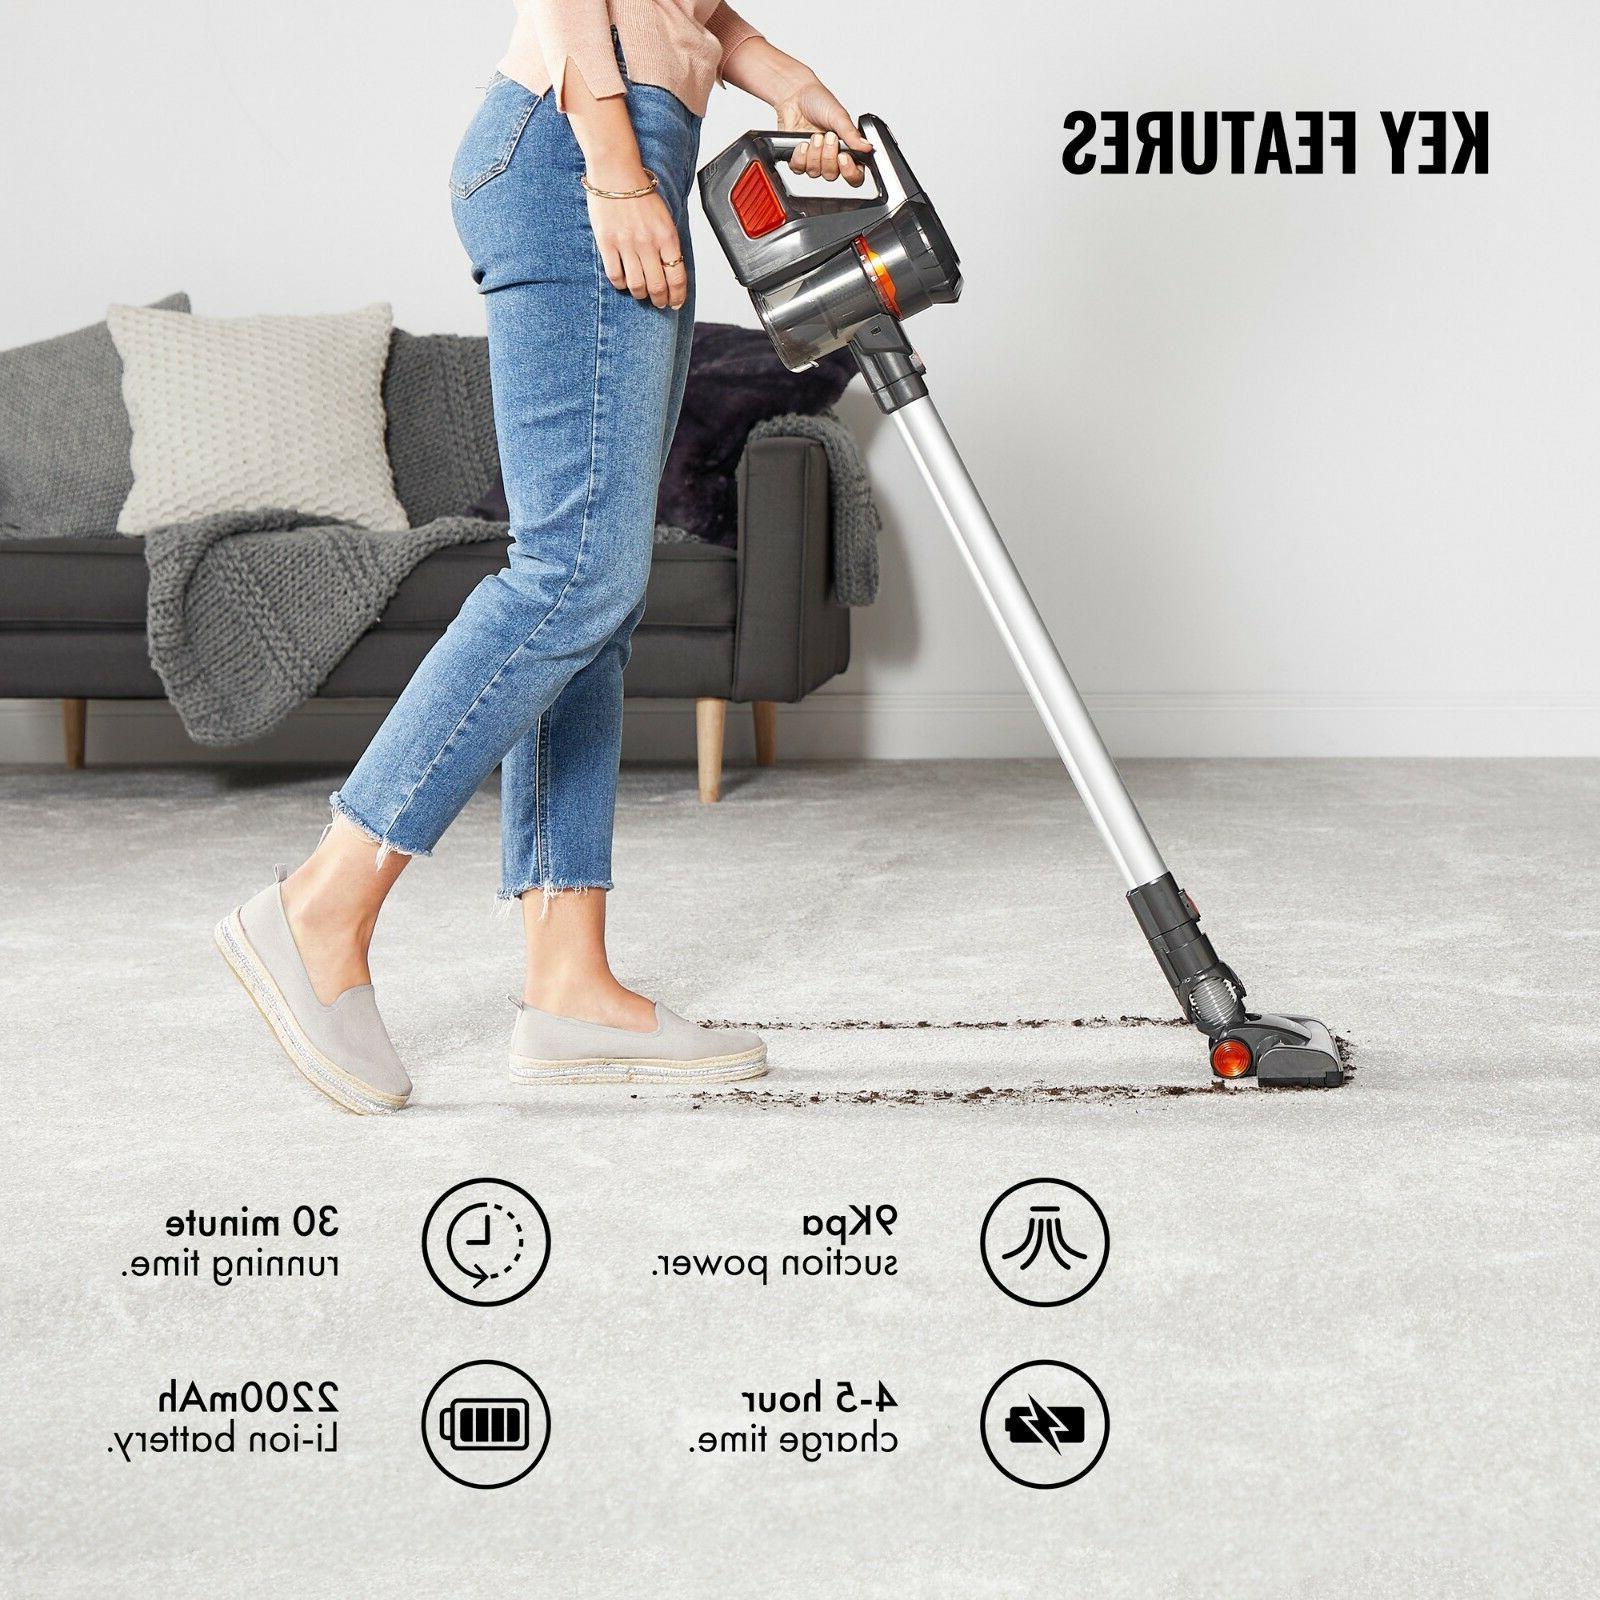 VonHaus Stick Cleaner Lightweight HEPA